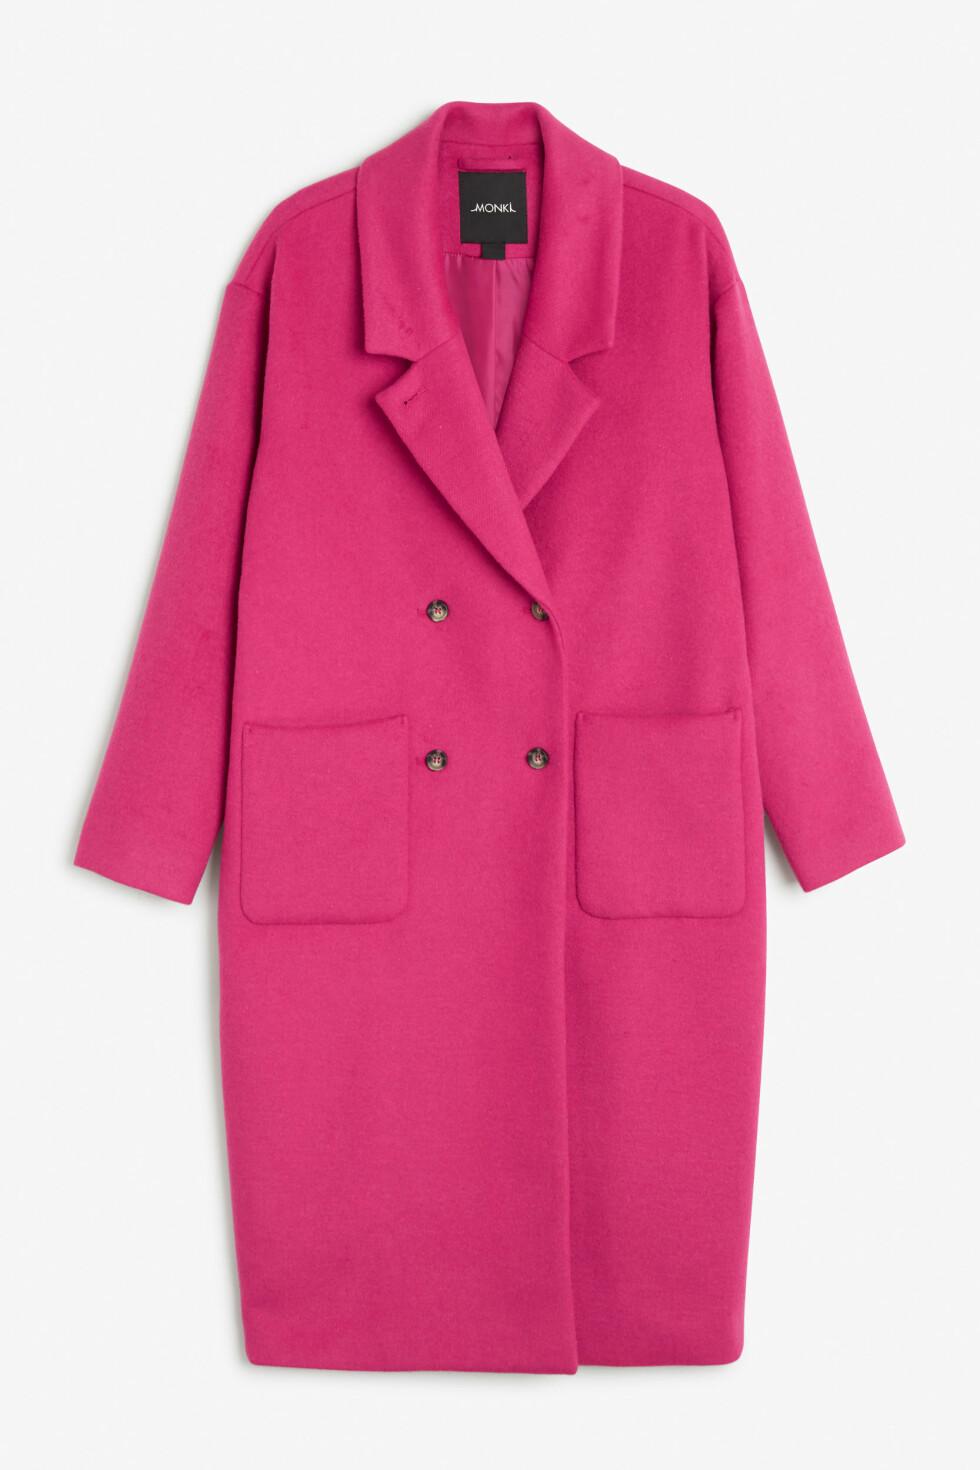 Kåpe fra Monki   kr 400   http://www.monki.com/gb/Jackets_coats/Wool_coat/65005-20188326.1